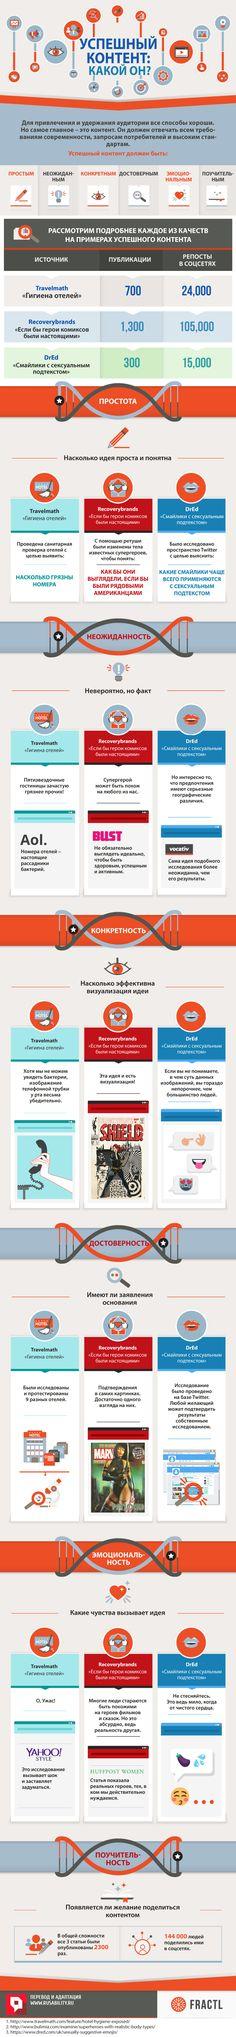 Контент, создание, статьи, контент-маркетинг, социальные сети, публикации, смайлы, инфографика